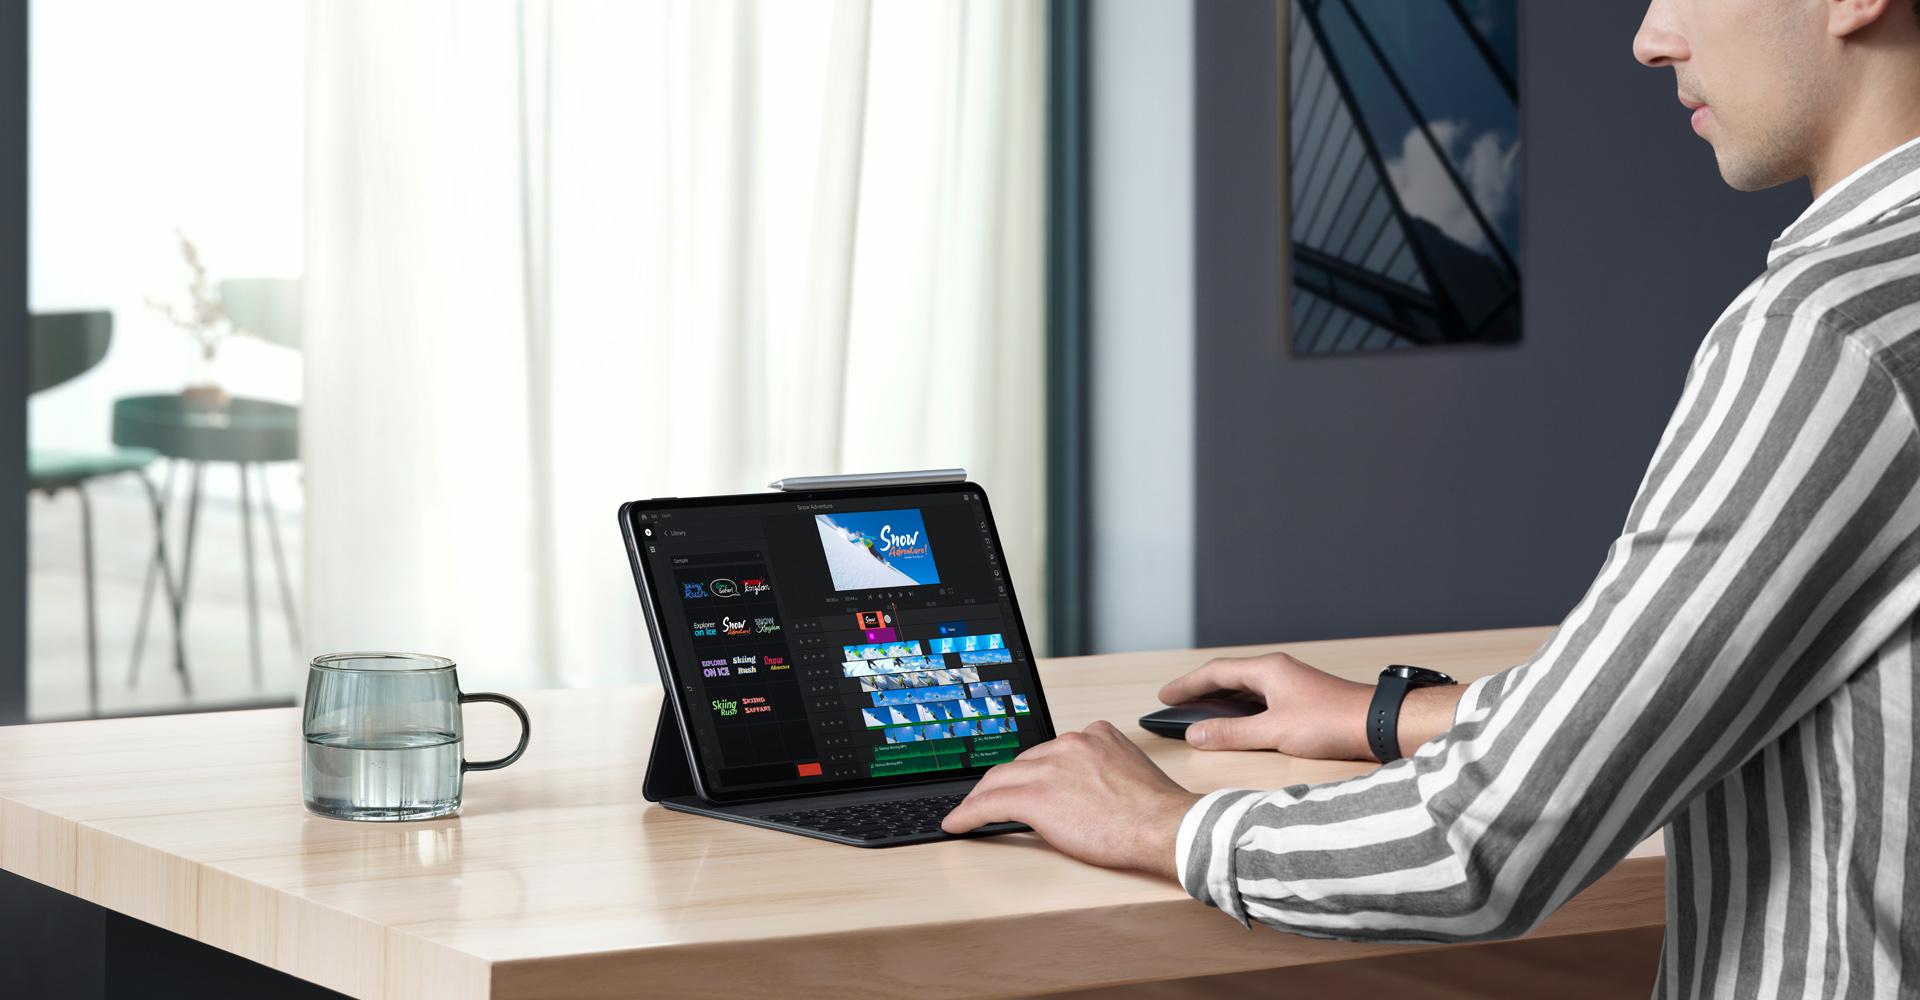 Das Tablet Huawei MatePad Pro auf einem Schreibtisch mit Tastatur